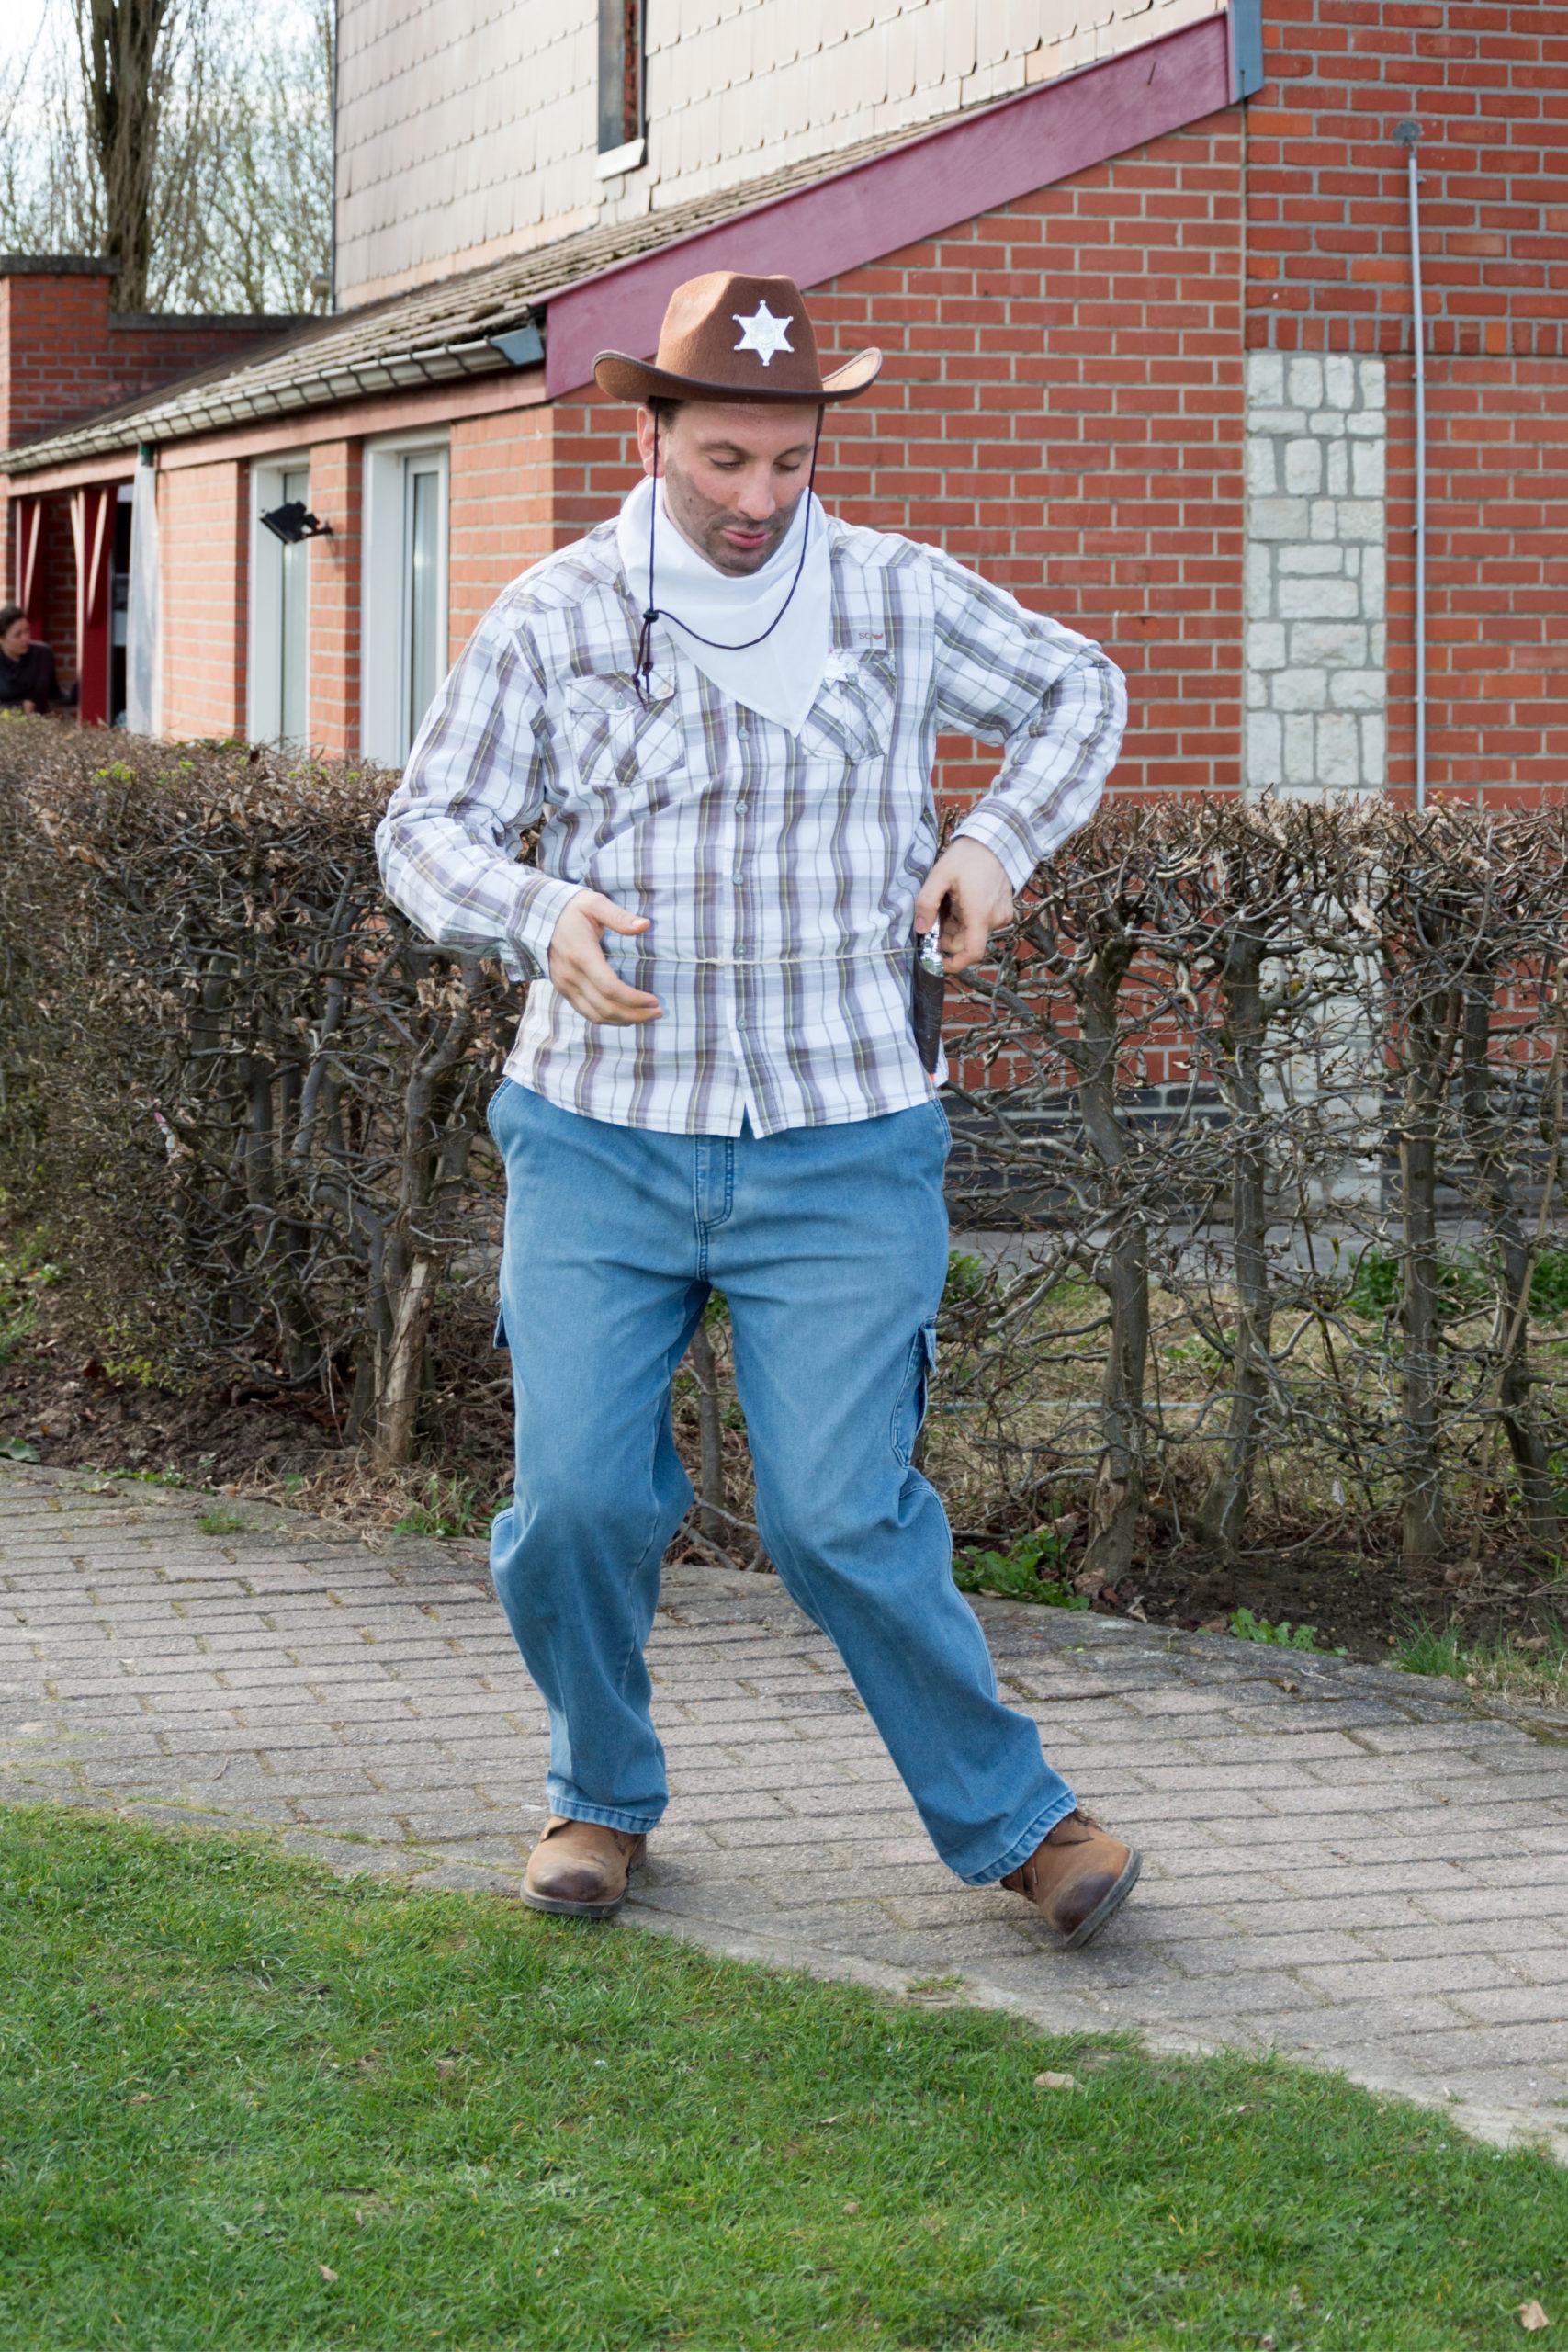 Homme handicapé à l'extérieur en tenue de cow-boy prenant son revolver en plastique